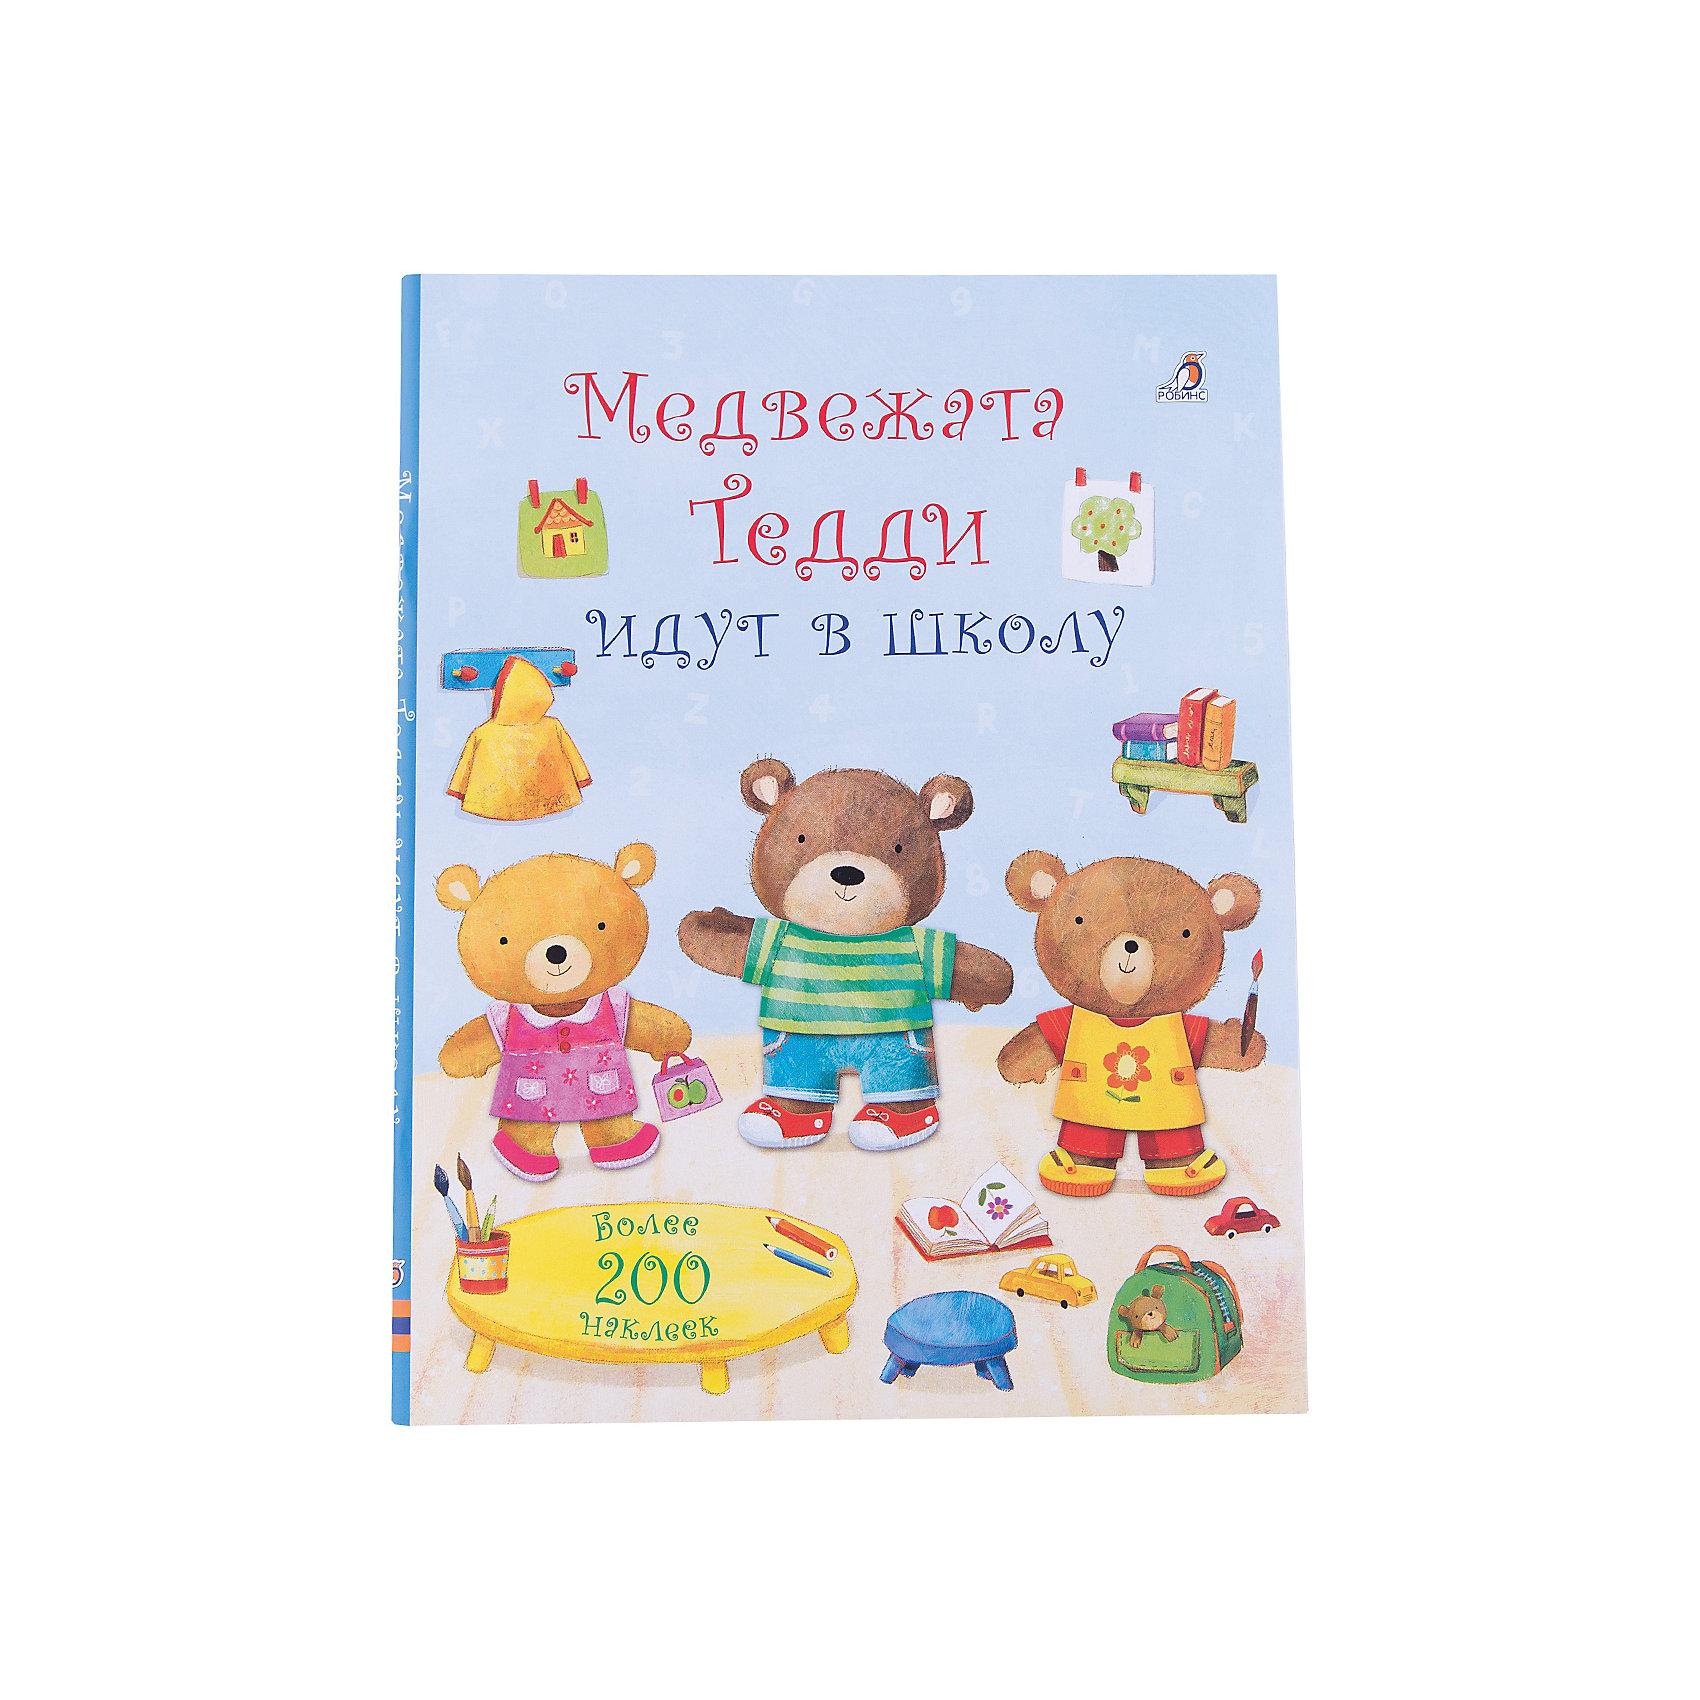 Книжка с наклейками  Медвежата Тедди идут в школуКниги для развития творческих навыков<br>Книжка с наклейками  Медвежата Тедди идут в школу – это  продолжение серии книжек с наклейками о маленьких медвежатах Потапе, Кузе, Ириске и Плюшке, которые на этот раз собираются в школу. Внутри Ваш ребенок найдет 8 листов с наклейками, с помощью которых нужно будет подготовить медвежат в школу: подобрать одежду, собрать рюкзаки и коробочки для завтрака, помочь им с уроками в школе. Важно подобрать костюмы правильно и приклеить наклейки в нужные места.  <br><br>Характеристики:<br>-Яркие, крупные иллюстрации <br>-Более 200 наклеек внутри<br>-Содержание: веселые медвежата, школьная атрибутика, природа<br>-Развивает: логическое мышление, внимание,  речь, память, воображение, мелкую моторику<br><br>Дополнительная информация:<br>-Материалы: картон, бумага, ПВХ<br>-Автор: Фелисити Брукс<br>-Иллюстратор: Аг Ятковска<br>-Переводчик: И. Маккински<br>-Количество страниц: 24<br>-Переплет: мягкий<br>-Иллюстрации: цветные<br>-Вес: 162 г<br>-Размер: 27,5x22 см<br><br>Книжка с наклейками  Медвежата Тедди идут в школу можно купить в нашем магазине.<br><br>Ширина мм: 225<br>Глубина мм: 30<br>Высота мм: 180<br>Вес г: 450<br>Возраст от месяцев: 36<br>Возраст до месяцев: 84<br>Пол: Унисекс<br>Возраст: Детский<br>SKU: 4295388